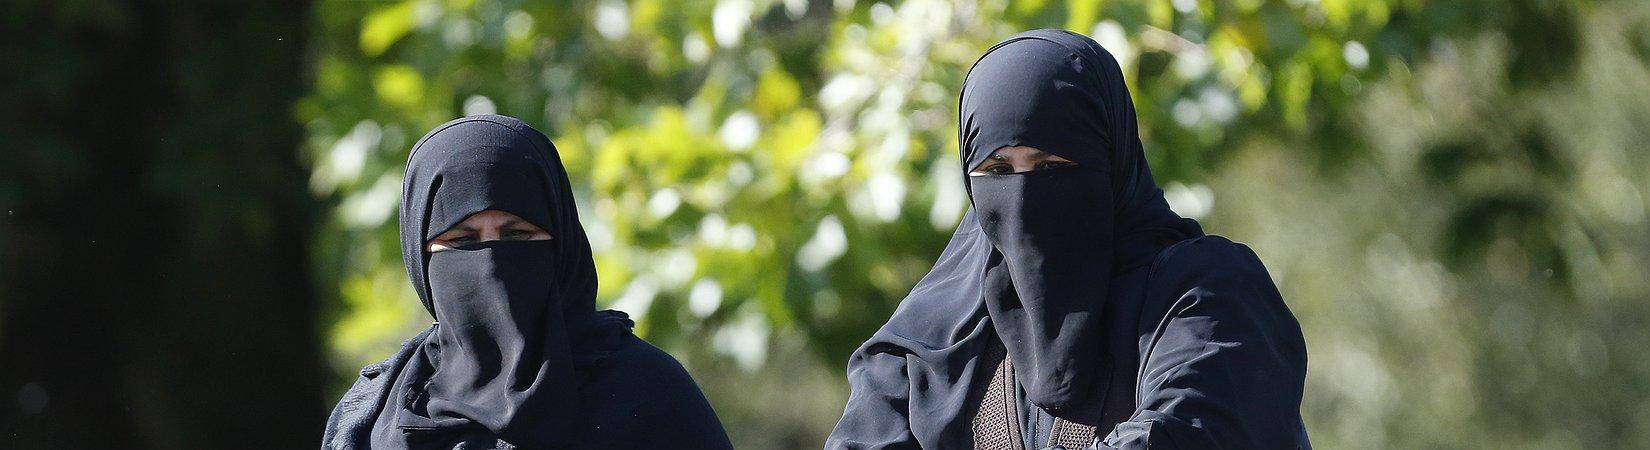 Tribunal Europeu de Justiça tomou decisão quanto a proibição do véu islâmico